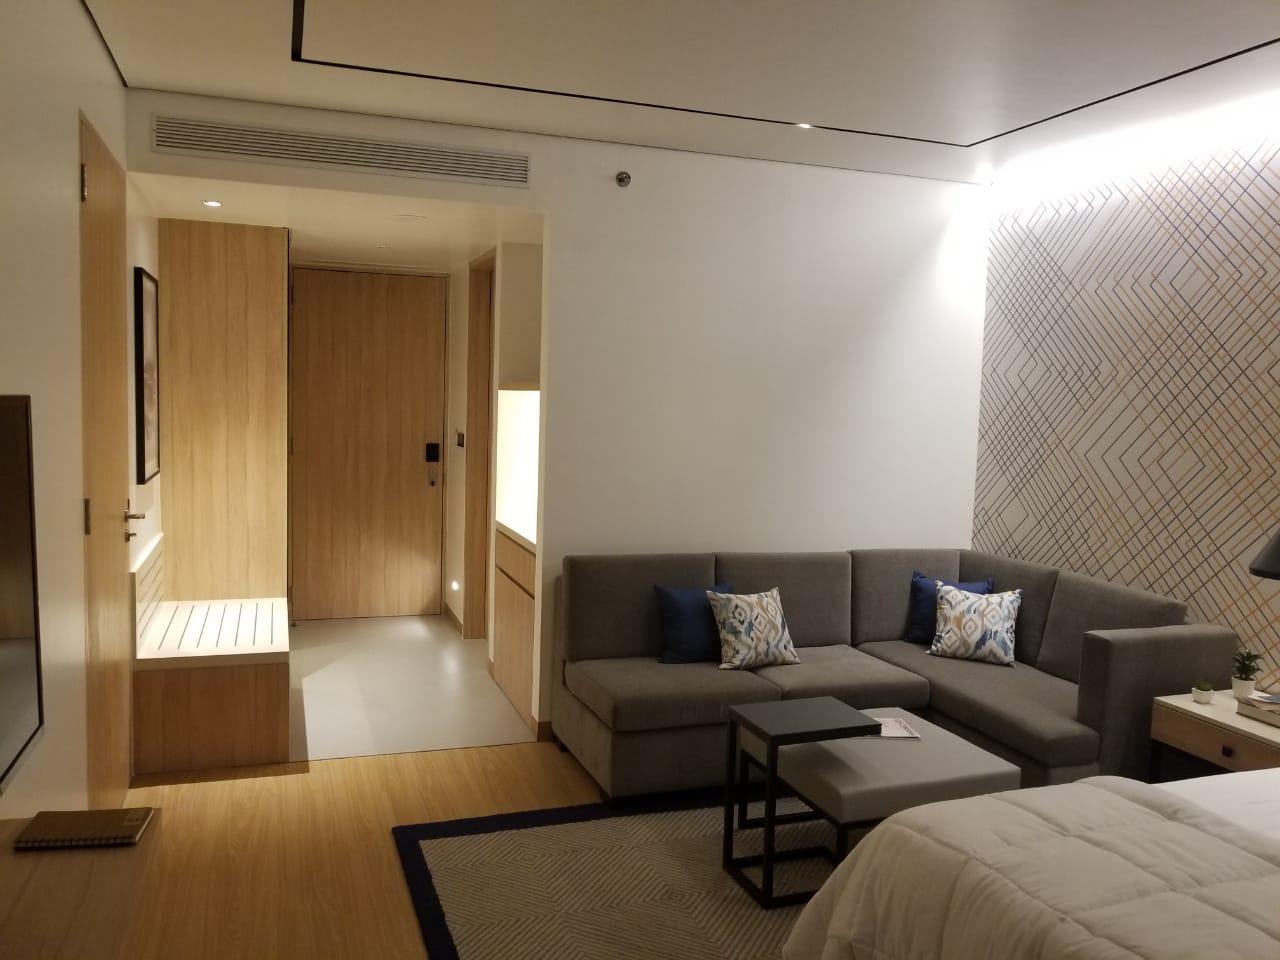 Hyatt Hotel Baroda by Acmeview Interior Solutions